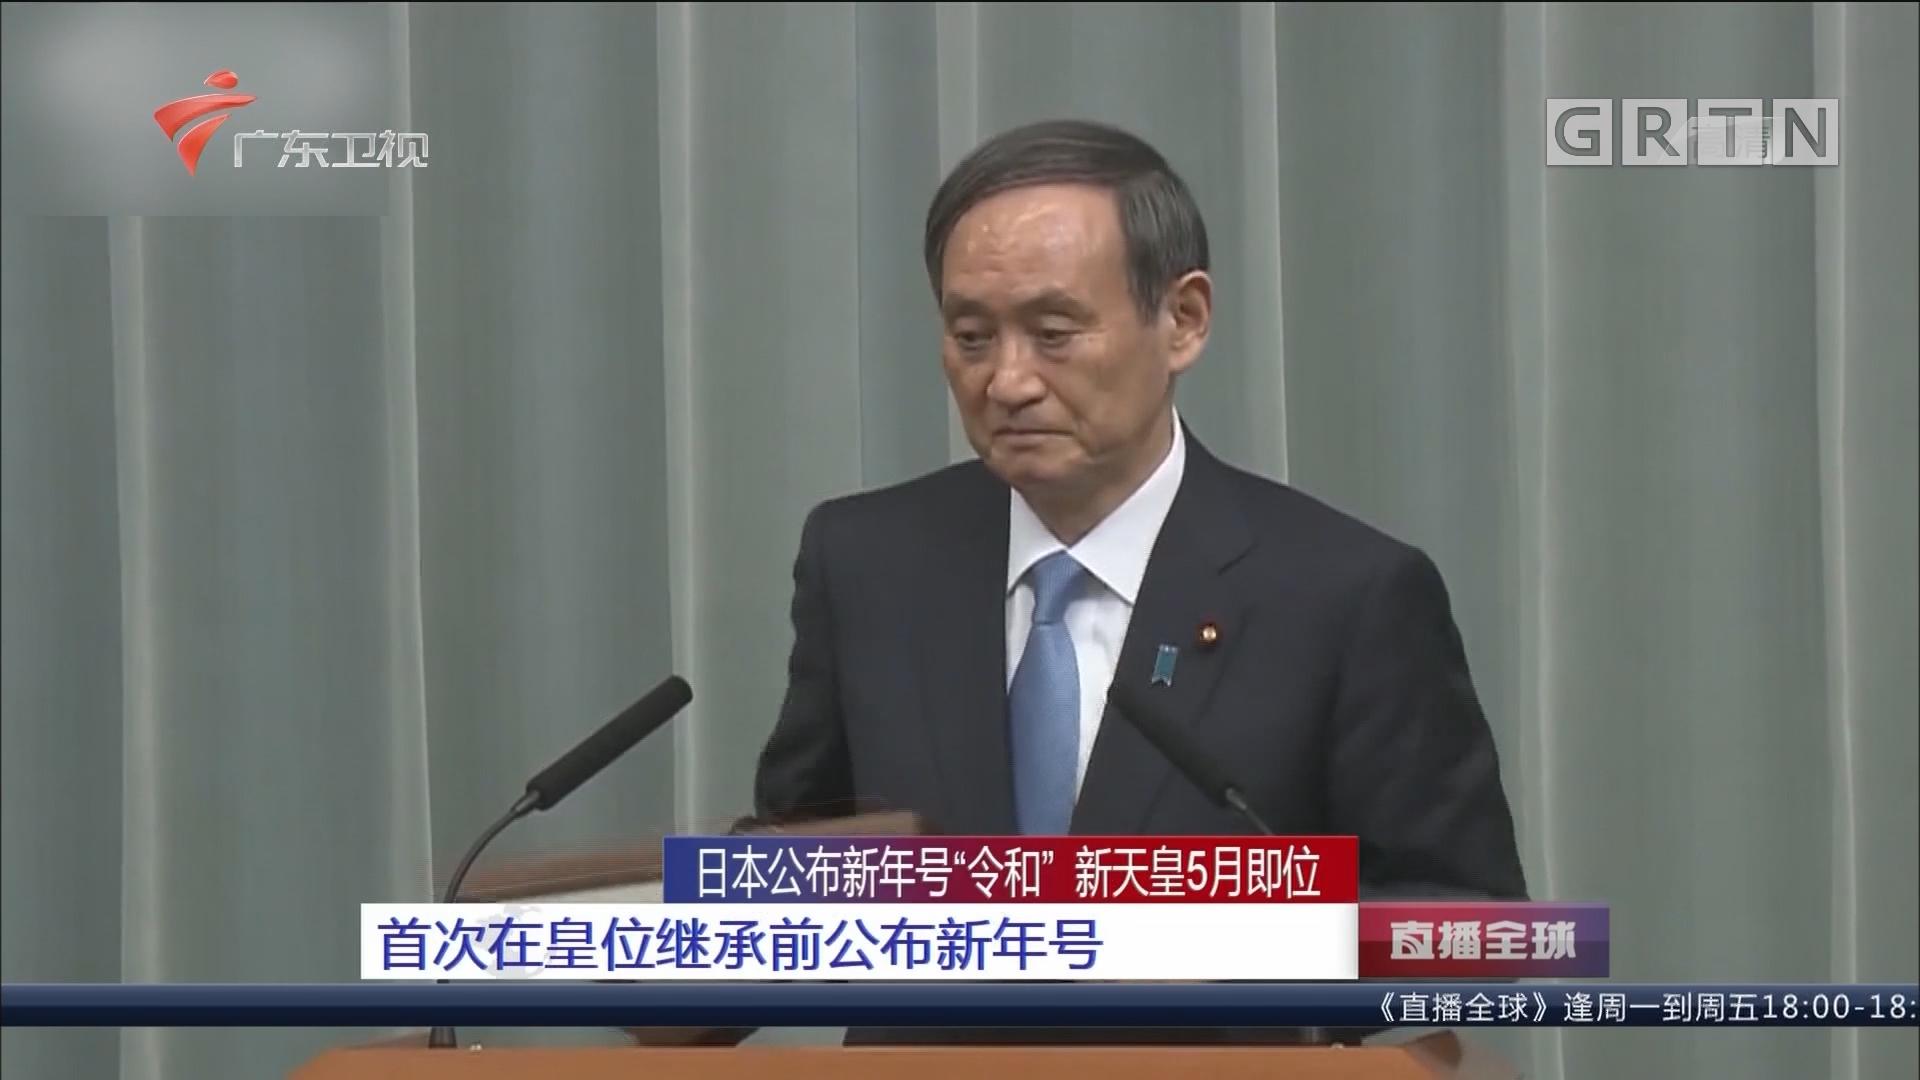 """日本公布新年号""""令和"""" 新天皇5月即位 首次在皇位继承前公布新年号"""